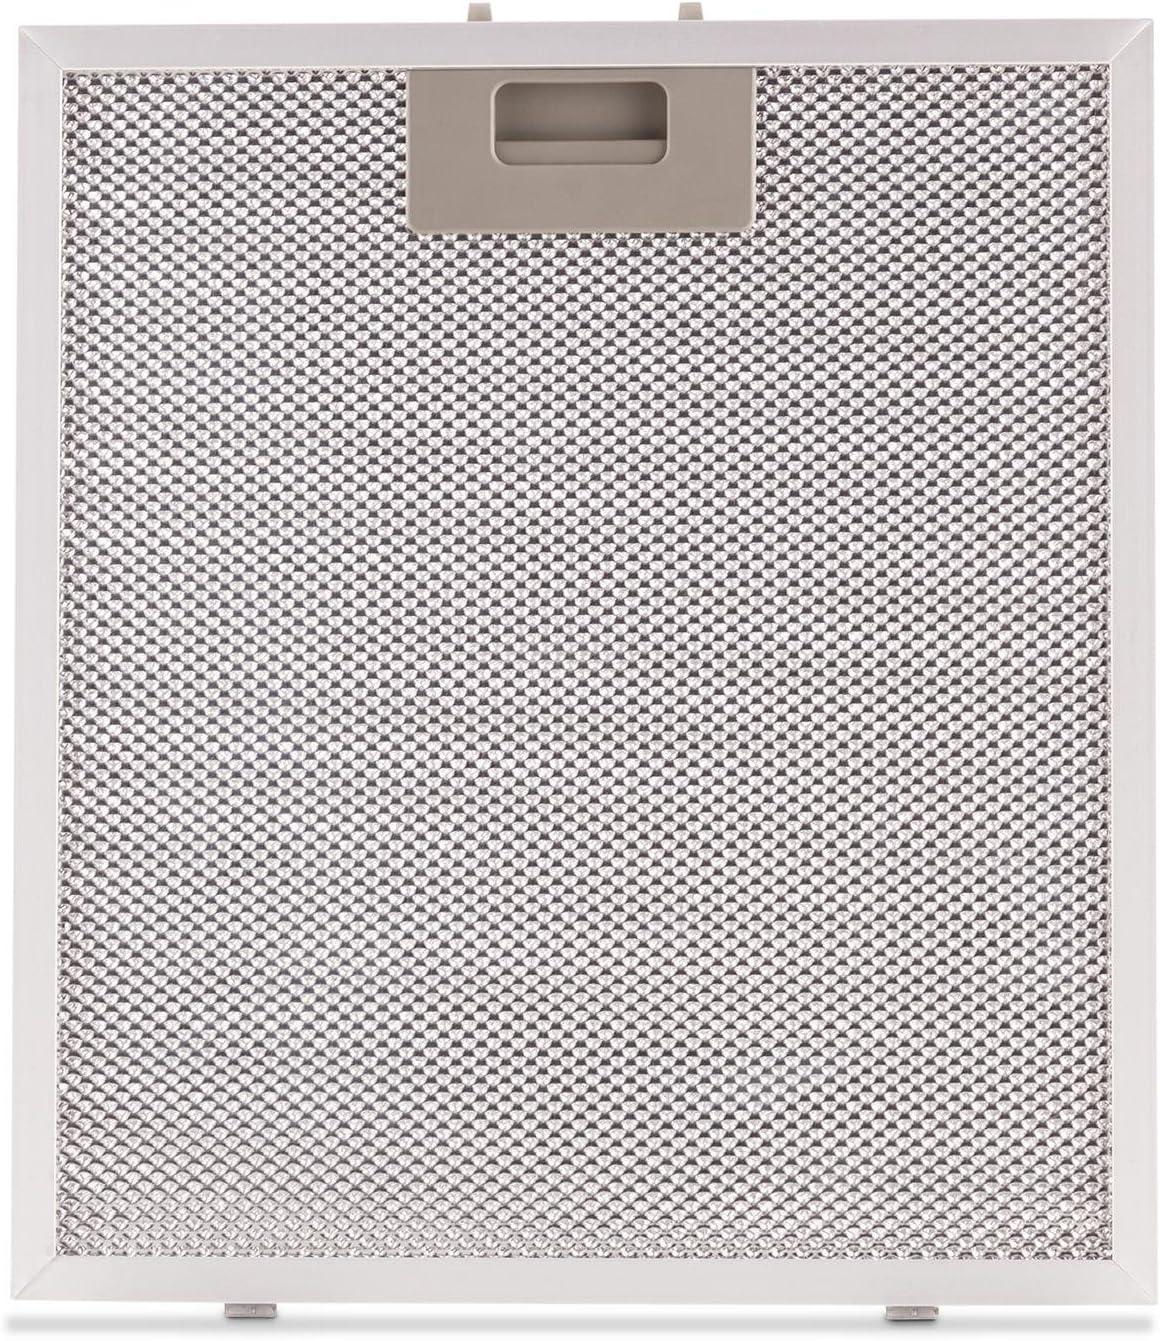 KLARSTEIN AL-Filter 4857 Filtro de retención de Grasa de Aluminio Recambio: Amazon.es: Electrónica